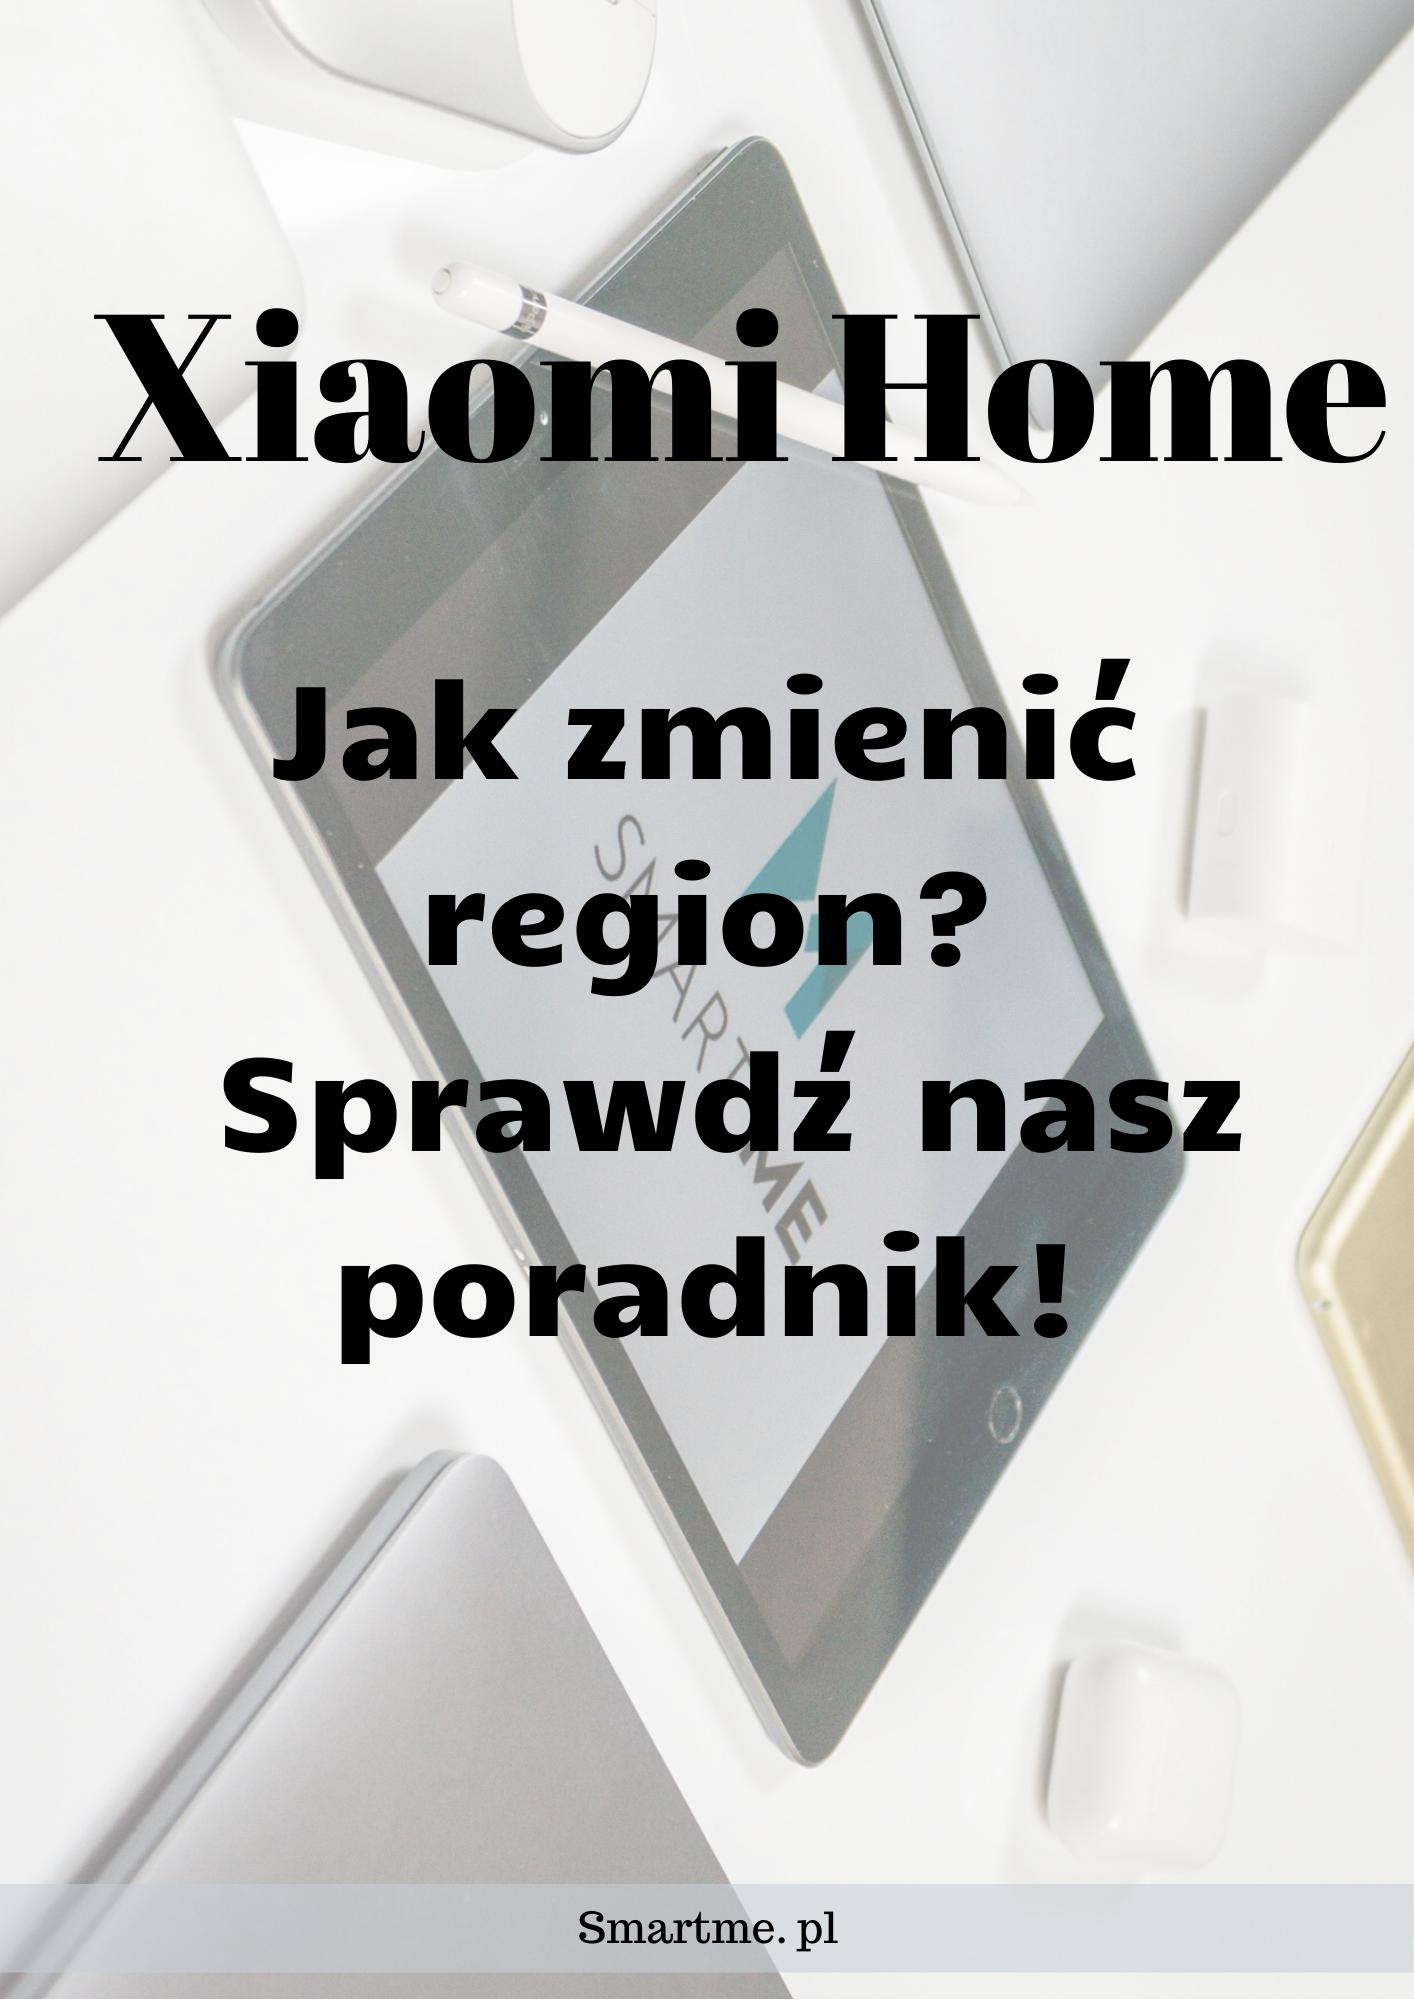 Xiaomi Home Jak Zmienic Region Sprawdz Nasz Poradnik Xiaomi App Region